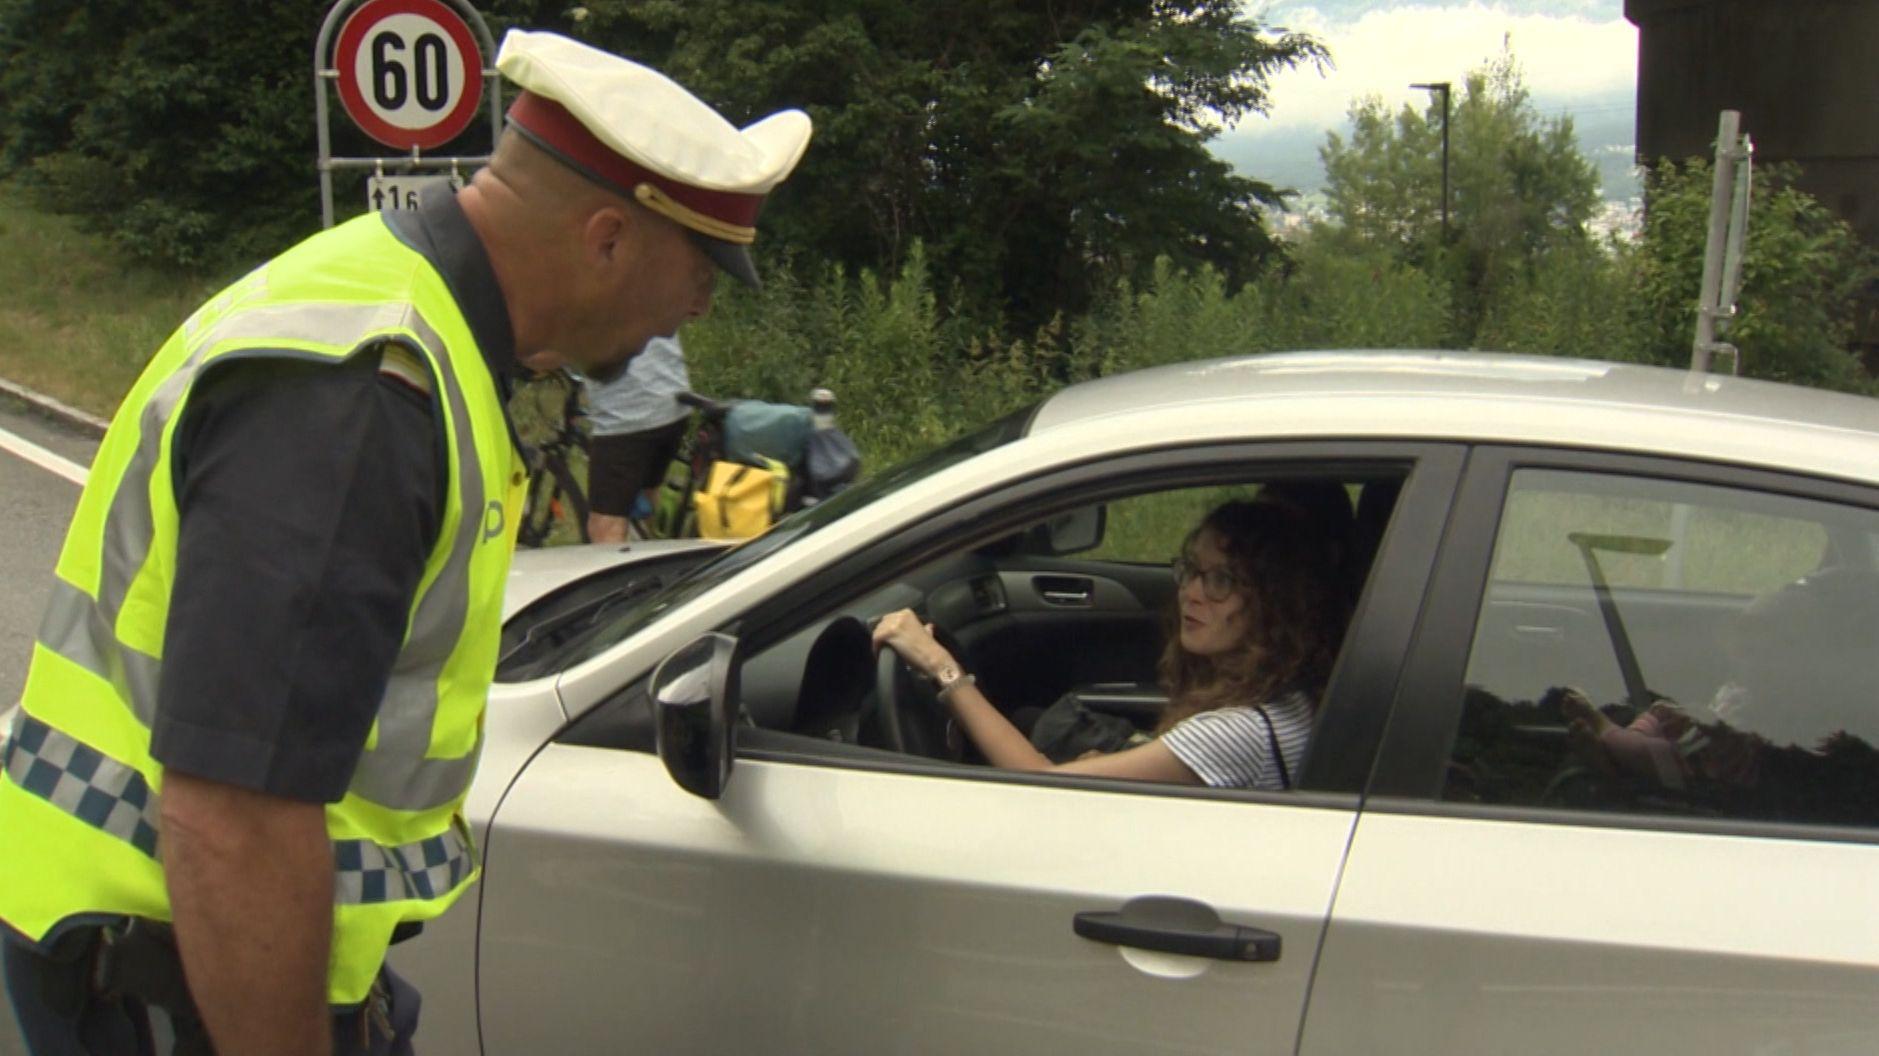 Tiroler Polizist untersagt Autofahrerin Durchfahrt